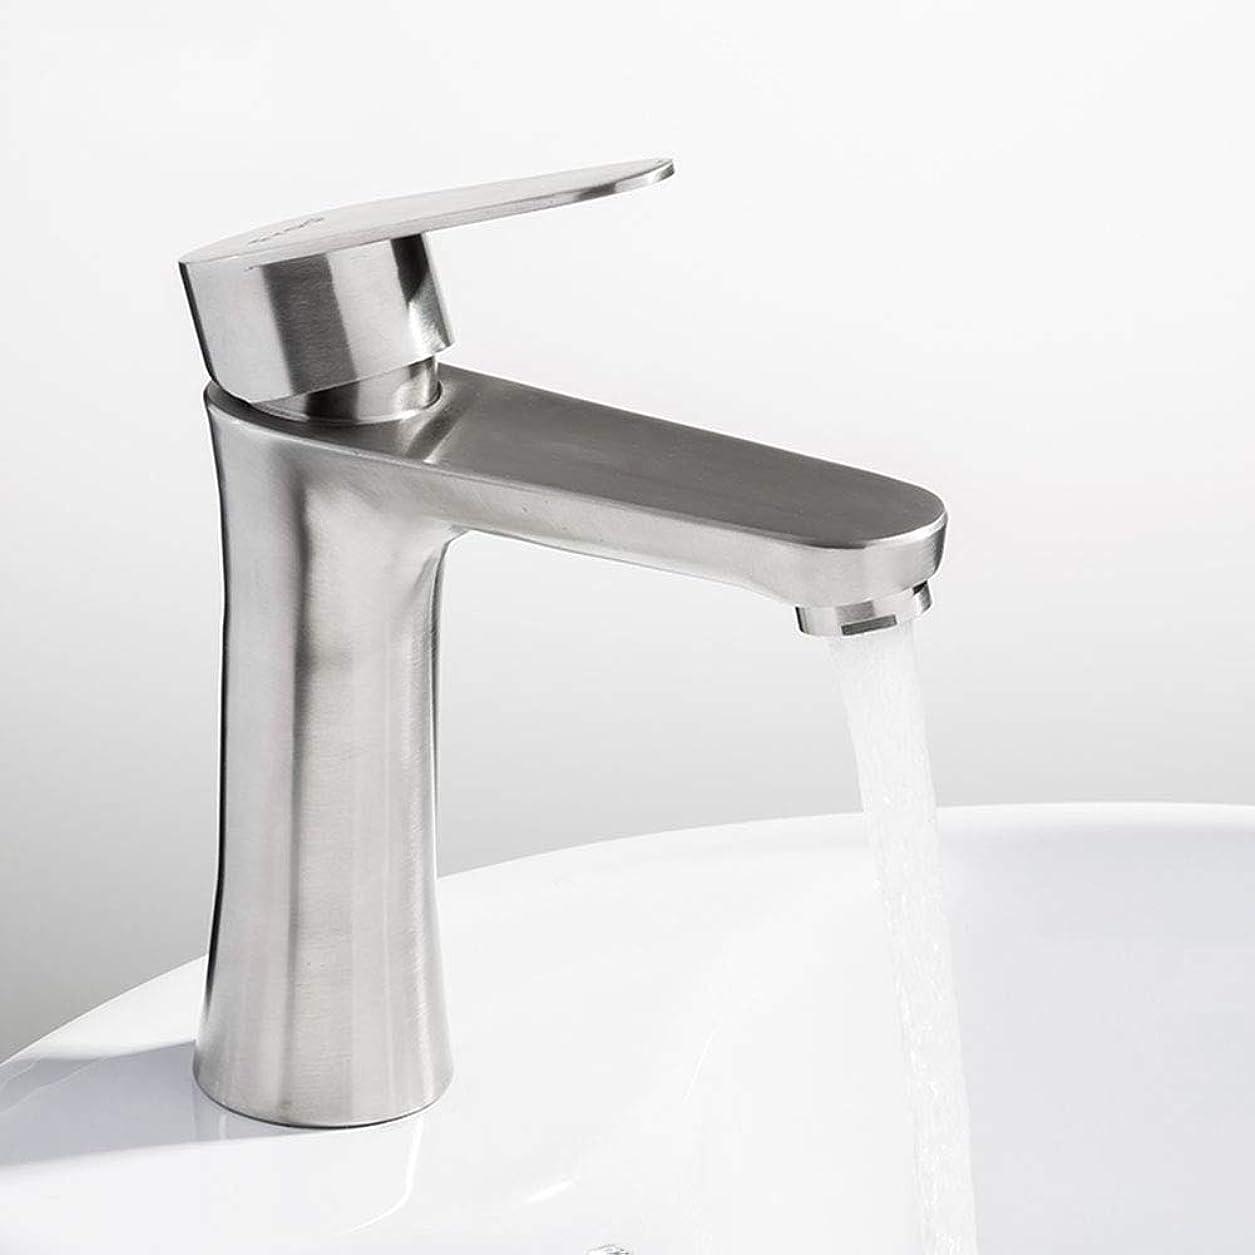 不実加入まともな304ステンレス鋼のブラシバス流域の蛇口、シンクミキサータップ洗面化粧台温水と冷水のミキサー浴室の蛇口